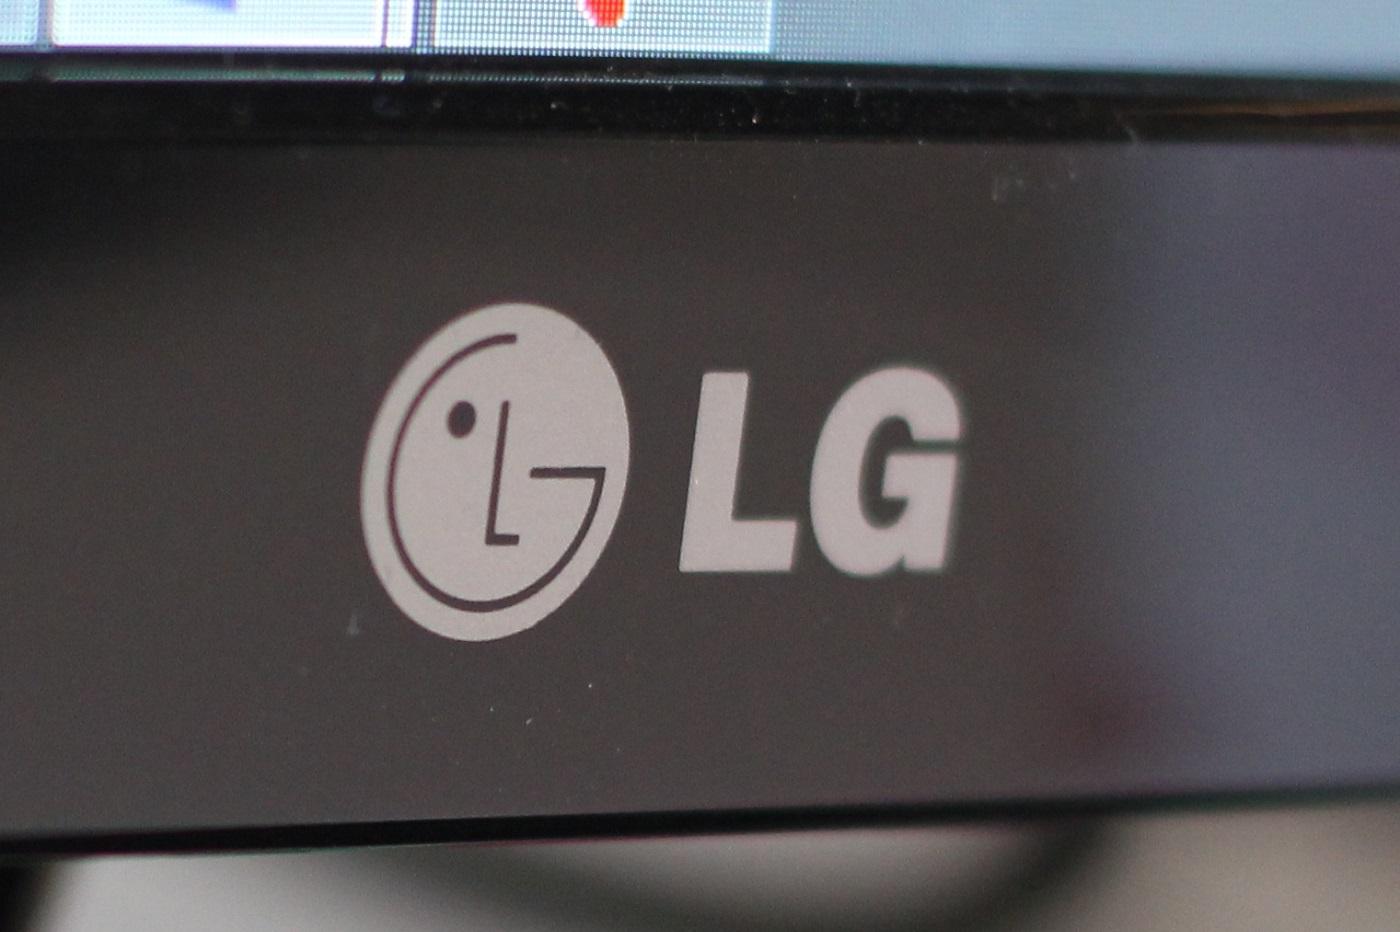 À l'IFA de Berlin, LG pourrait présenter 4 enceintes et écrans connectés